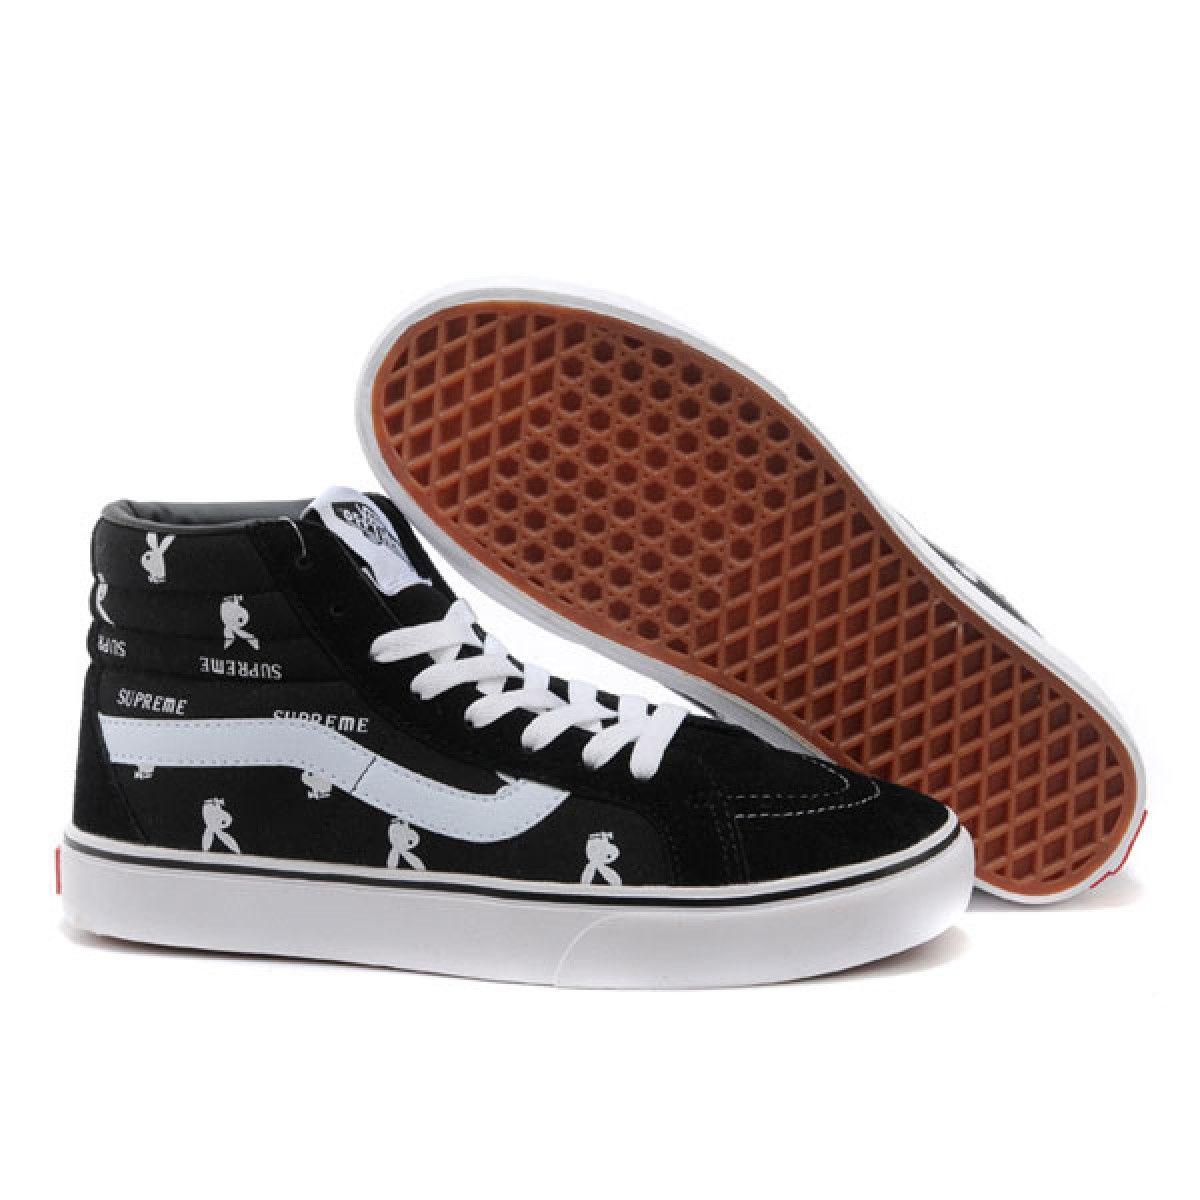 Vans Shoes Black Supreme X Playboys Sk8 Hi Shoes Unisex Classic